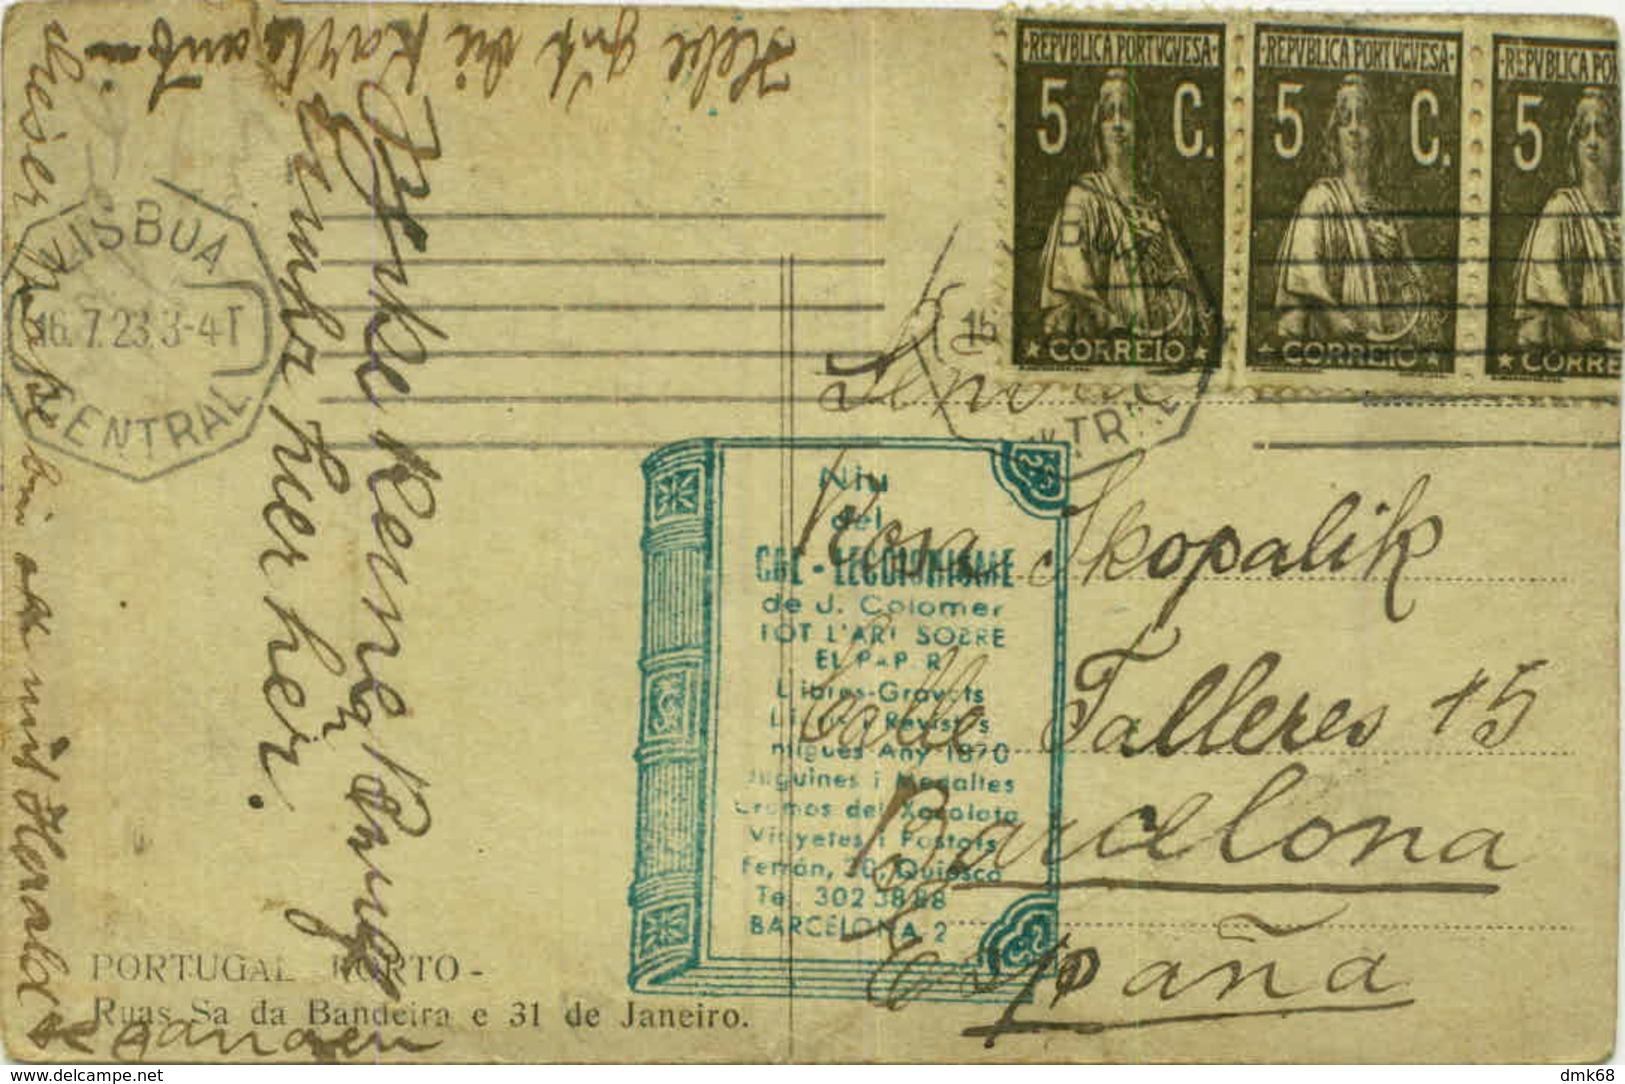 PORTUGAL - PORTO - RUAS SA DA BANDEIRA E 31 DE JANEIRO - 1920s( BG3201) - Porto